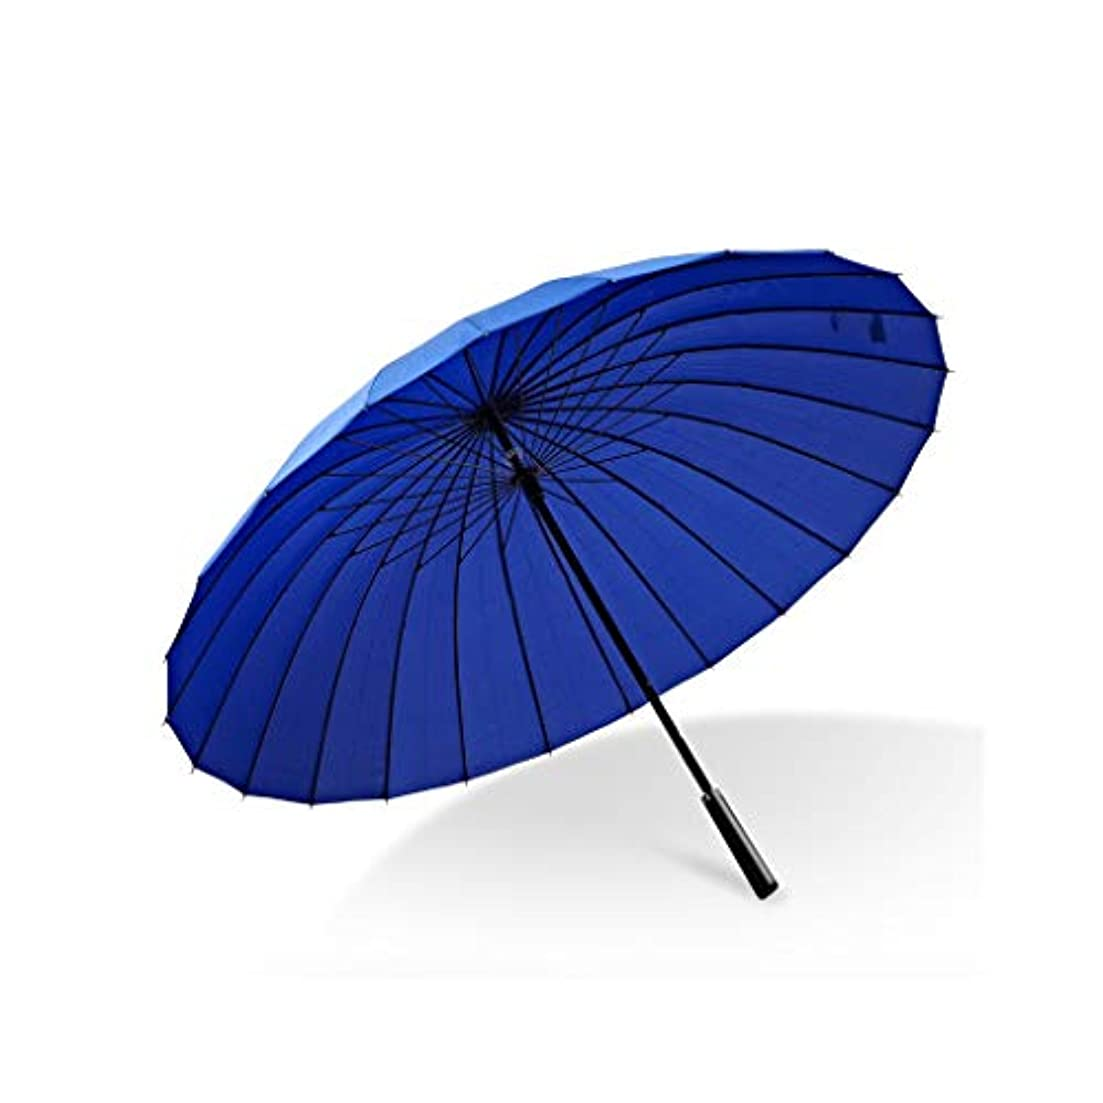 ごちそうおっと記者日傘傘男性と女性のためのUV傘家庭用傘折りたたみ屋外専用の小さくて便利な日よけ日よけ保護日焼け止め防水日よけ (色 : 暗赤色)